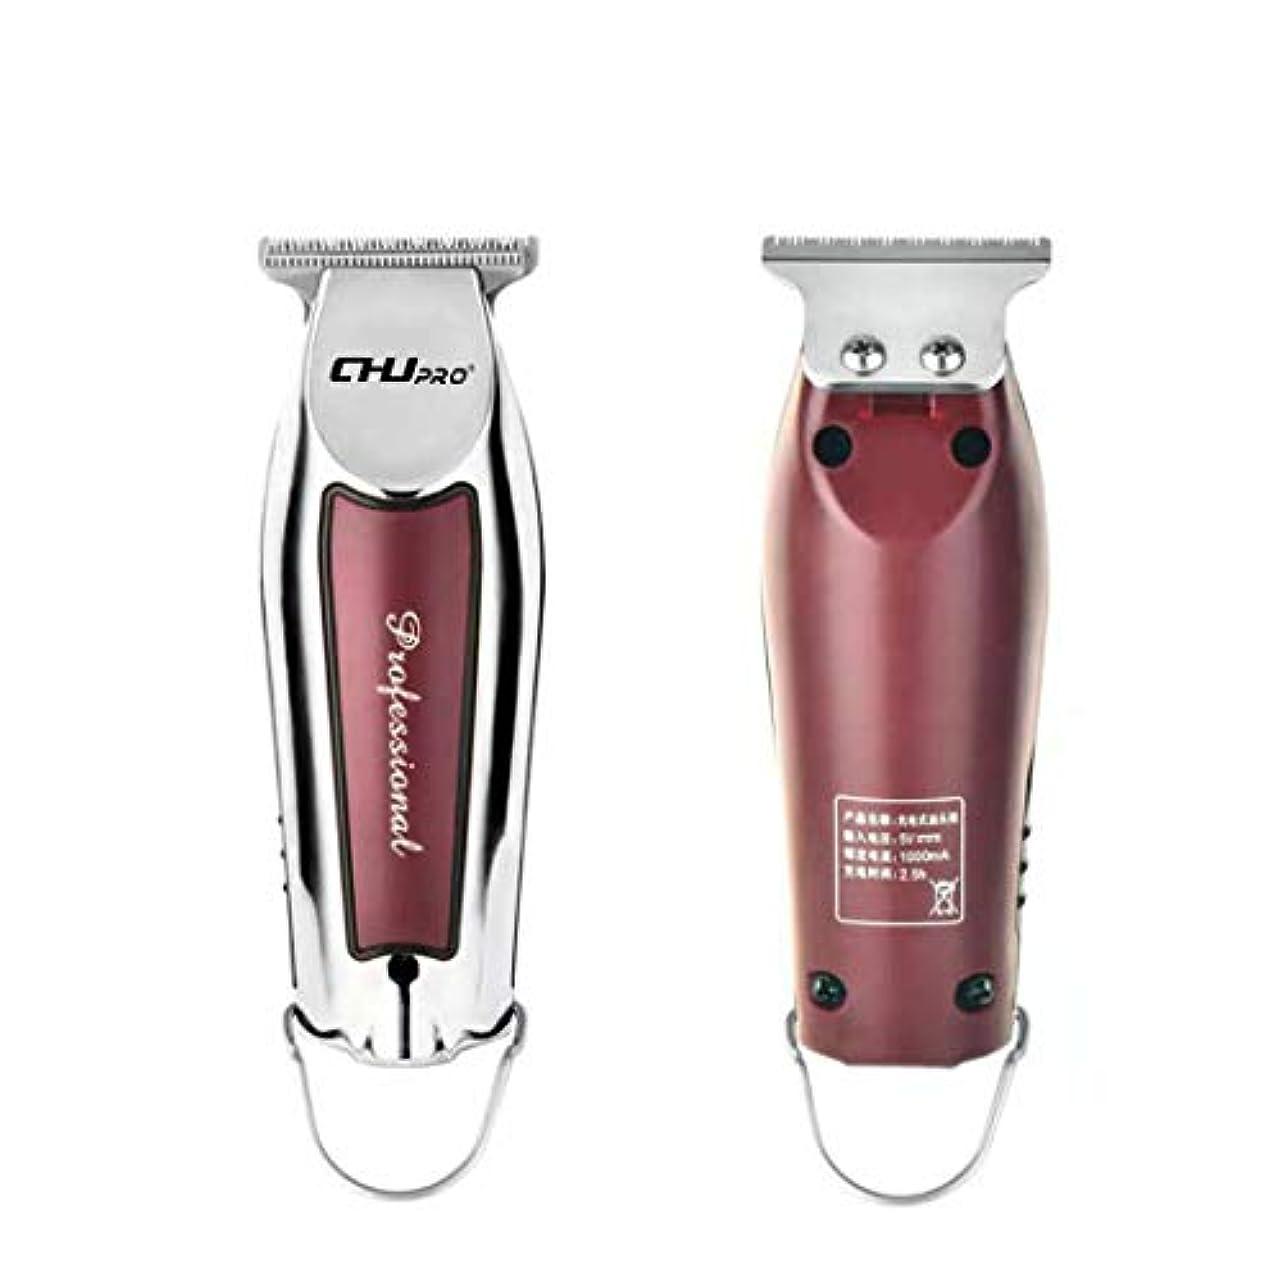 納屋賢明なテレマコスMIOIM 電動シェーバー 深剃り 電動バリカン USB充電 ヘアカッター コードレス 刈り高さ調節可能 メンズ バリカンこども用 持ち運び 家庭用 業務用